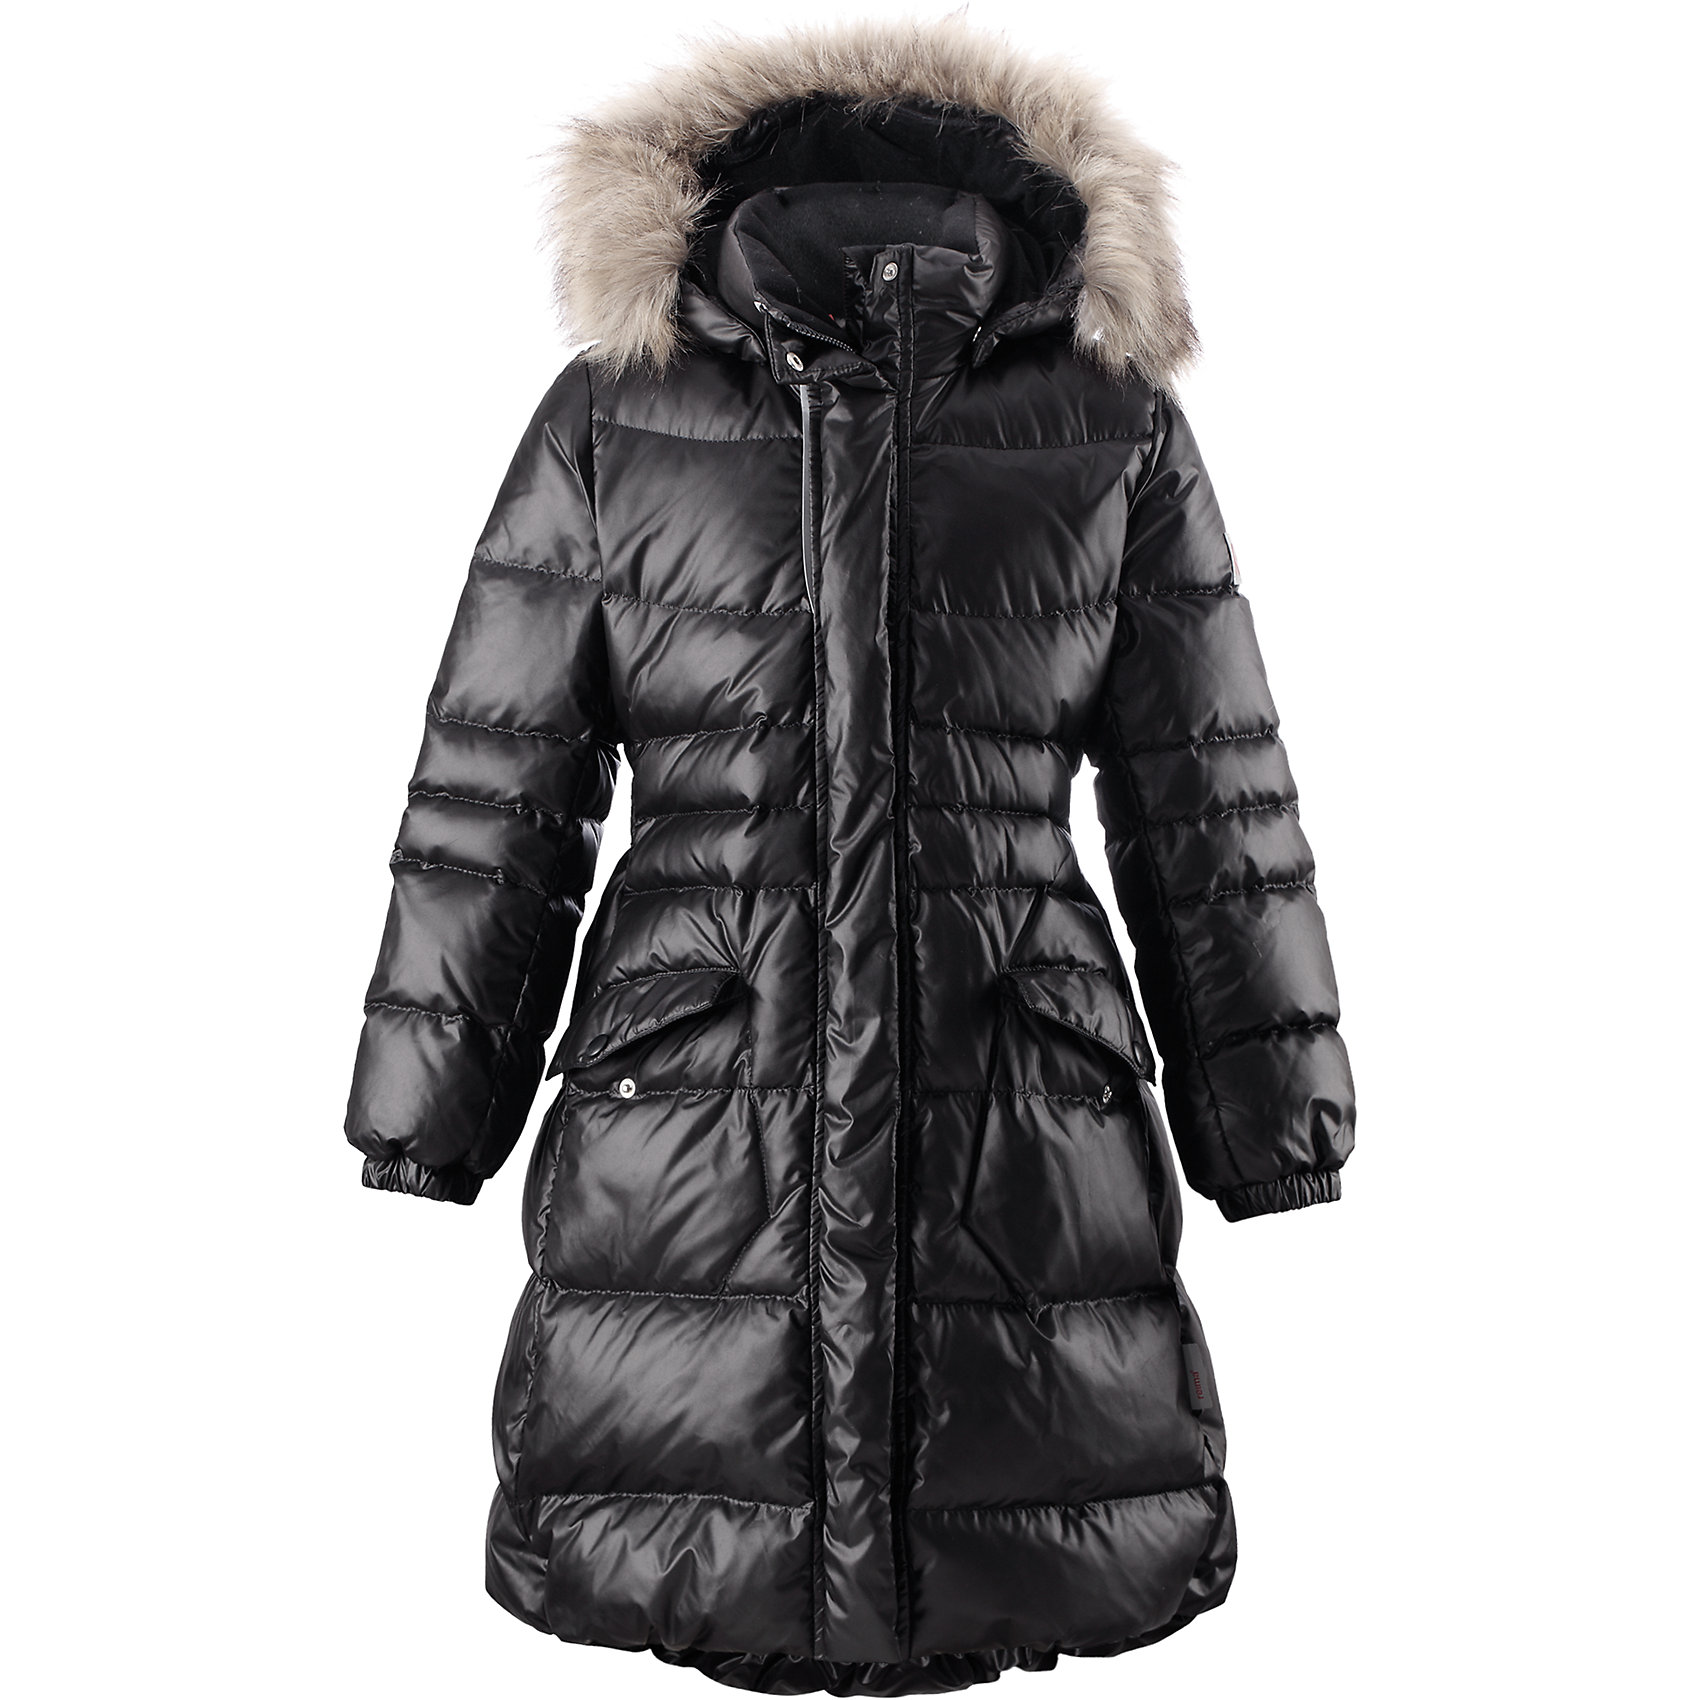 Пальто Satu для девочки ReimaОдежда<br>Пальто для девочки Reima<br>Куртка для подростков. Водоотталкивающий, ветронепроницаемый, «дышащий» и грязеотталкивающий материал. Крой для девочек. Гладкая подкладка из полиэстра. Безопасный съемный капюшон с отсоединяемой меховой каймой из искусственного меха. Эластичный пояс сзади. Эластичные подол и манжеты. Двухсторонняя молния по всей длине. Два кармана с клапанами. Безопасные светоотражающие детали. Петля для дополнительных светоотражающих деталей.<br>Уход:<br>Стирать по отдельности, вывернув наизнанку. Перед стиркой отстегните искусственный мех. Застегнуть молнии и липучки. Стирать моющим средством, не содержащим отбеливающие вещества. Полоскать без специального средства. Во избежание изменения цвета изделие необходимо вынуть из стиральной машинки незамедлительно после окончания программы стирки. Барабанное сушение при низкой температуре с 3 теннисными мячиками. Выверните изделие наизнанку в середине сушки.<br>Состав:<br>100% Полиэстер<br><br>Ширина мм: 356<br>Глубина мм: 10<br>Высота мм: 245<br>Вес г: 519<br>Цвет: черный<br>Возраст от месяцев: 36<br>Возраст до месяцев: 48<br>Пол: Женский<br>Возраст: Детский<br>Размер: 104,164,128,134,110,116,122,140,146,152,158<br>SKU: 4778594